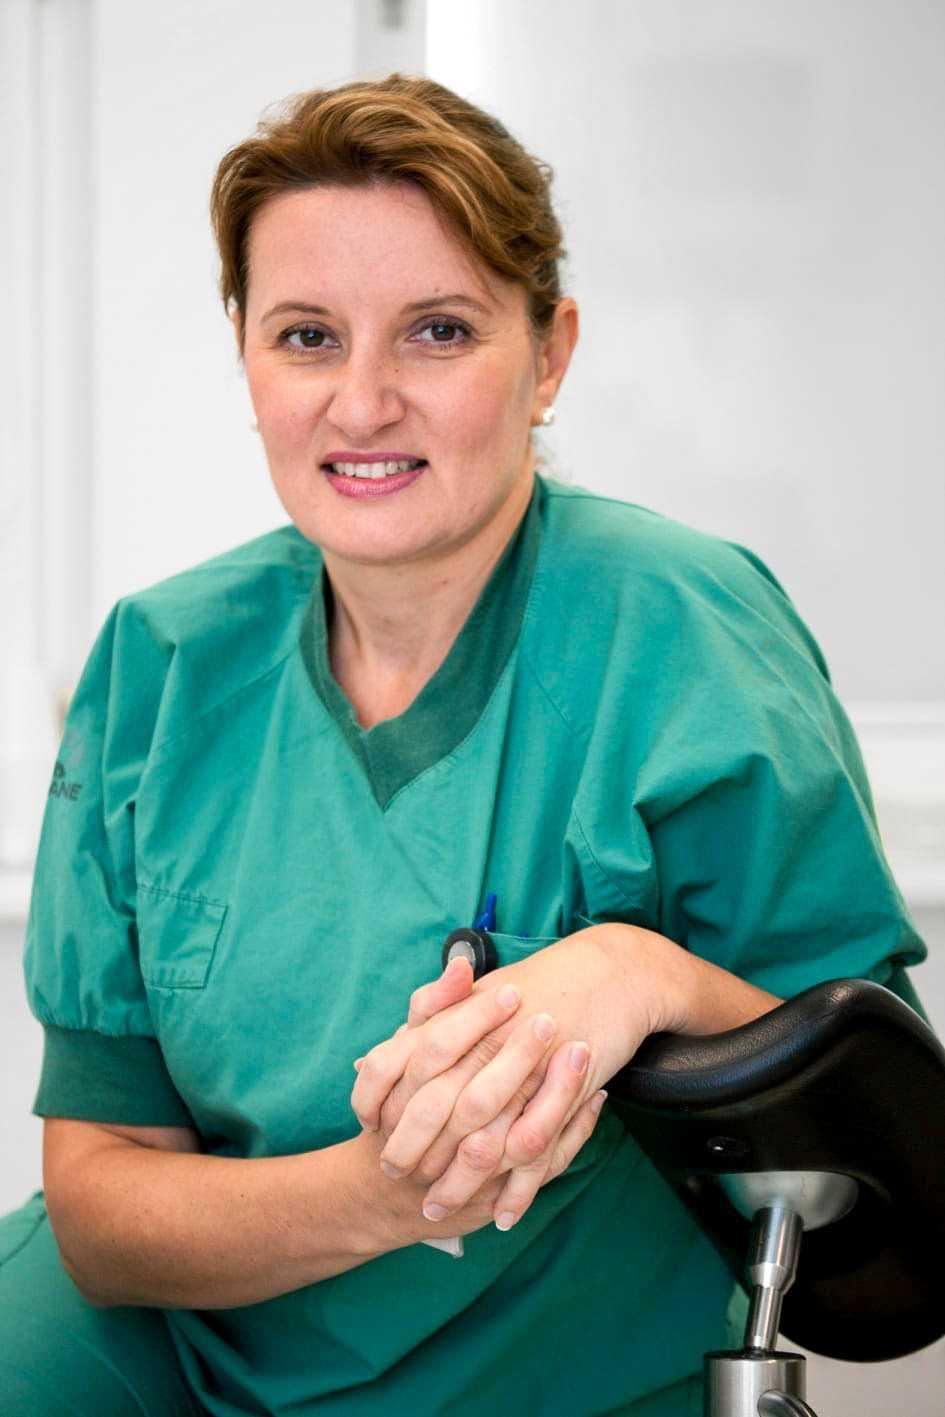 Margareta Kitlinski, överläkare inom reproduktionsmedicin på Skånes Universitetssjukhus, förklarar att det blir betydligt svårare att få barn om man väntar längre. Pressbild.